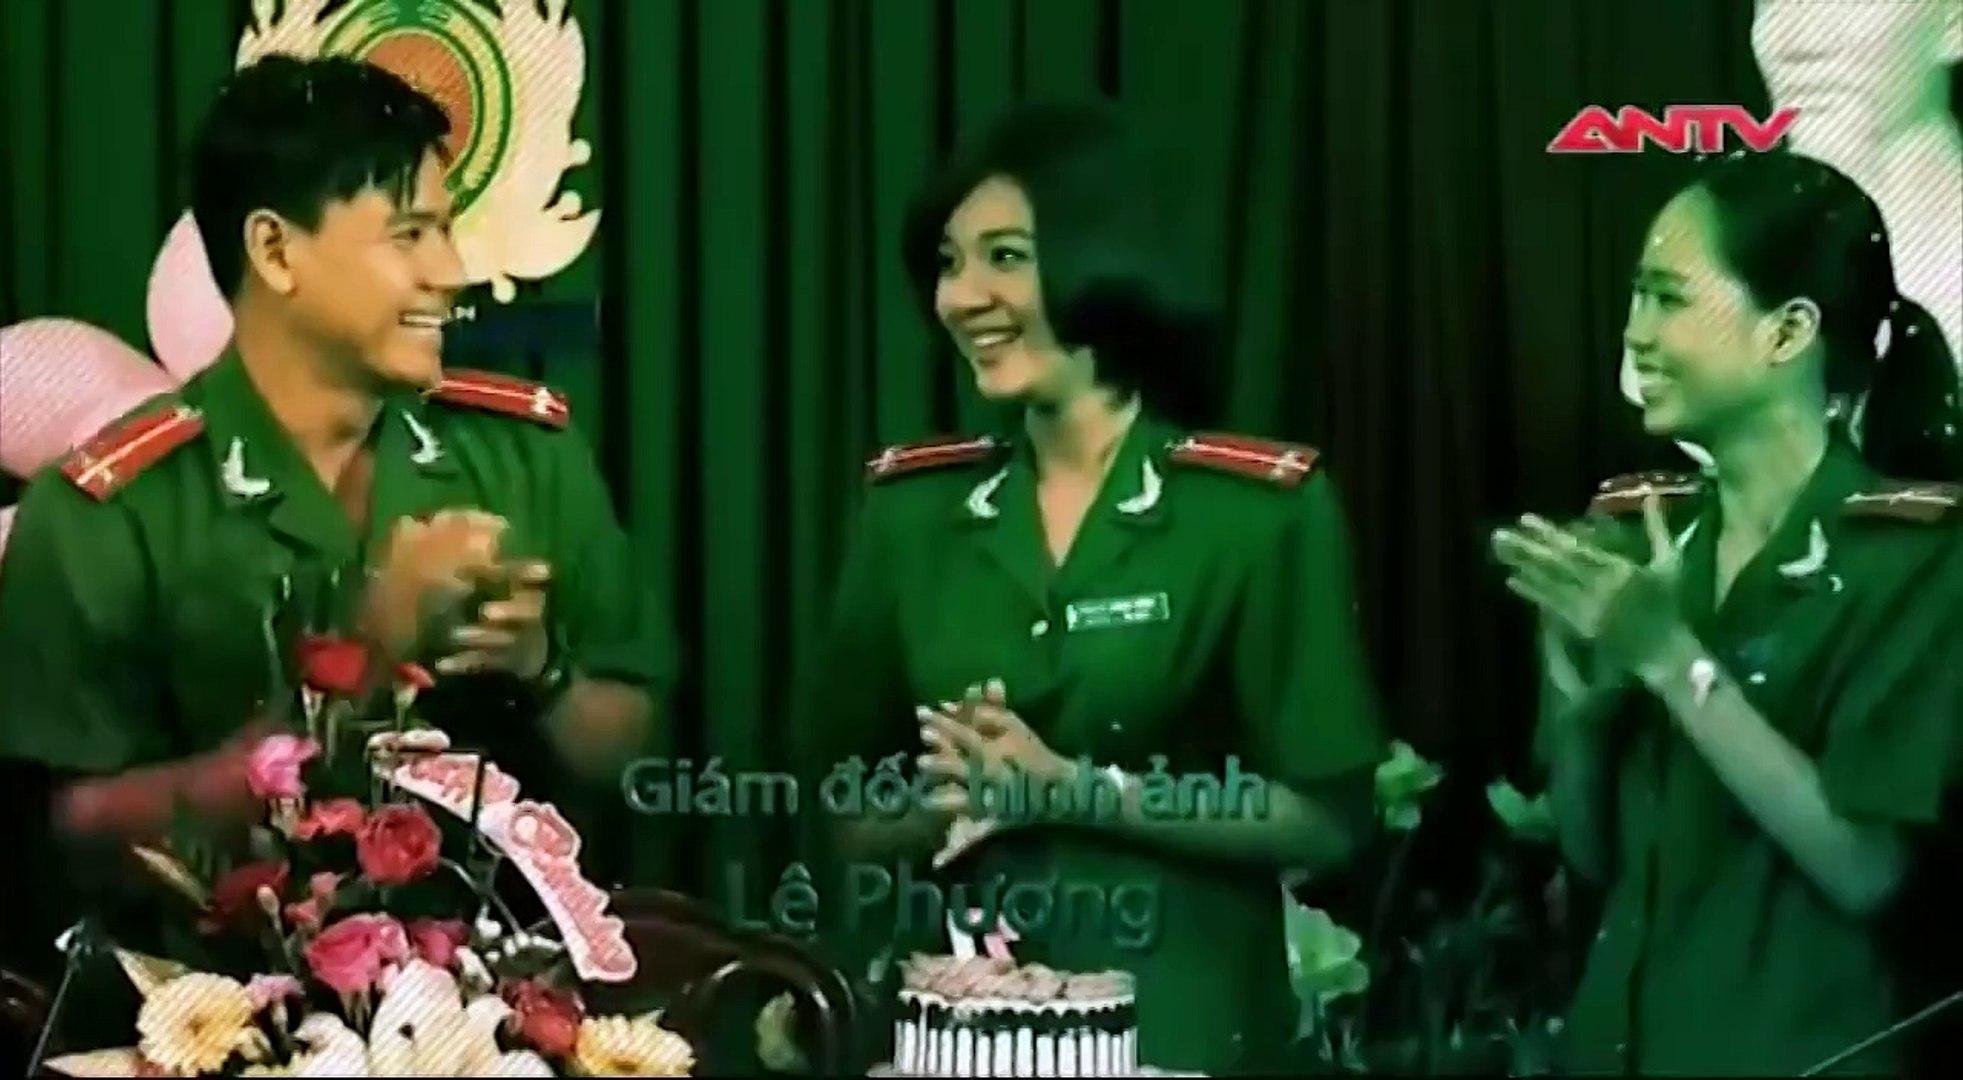 CON GÁI ÔNG TRÙM TẬP 32 - Phim Việt Nam bom tấn trên ANTV